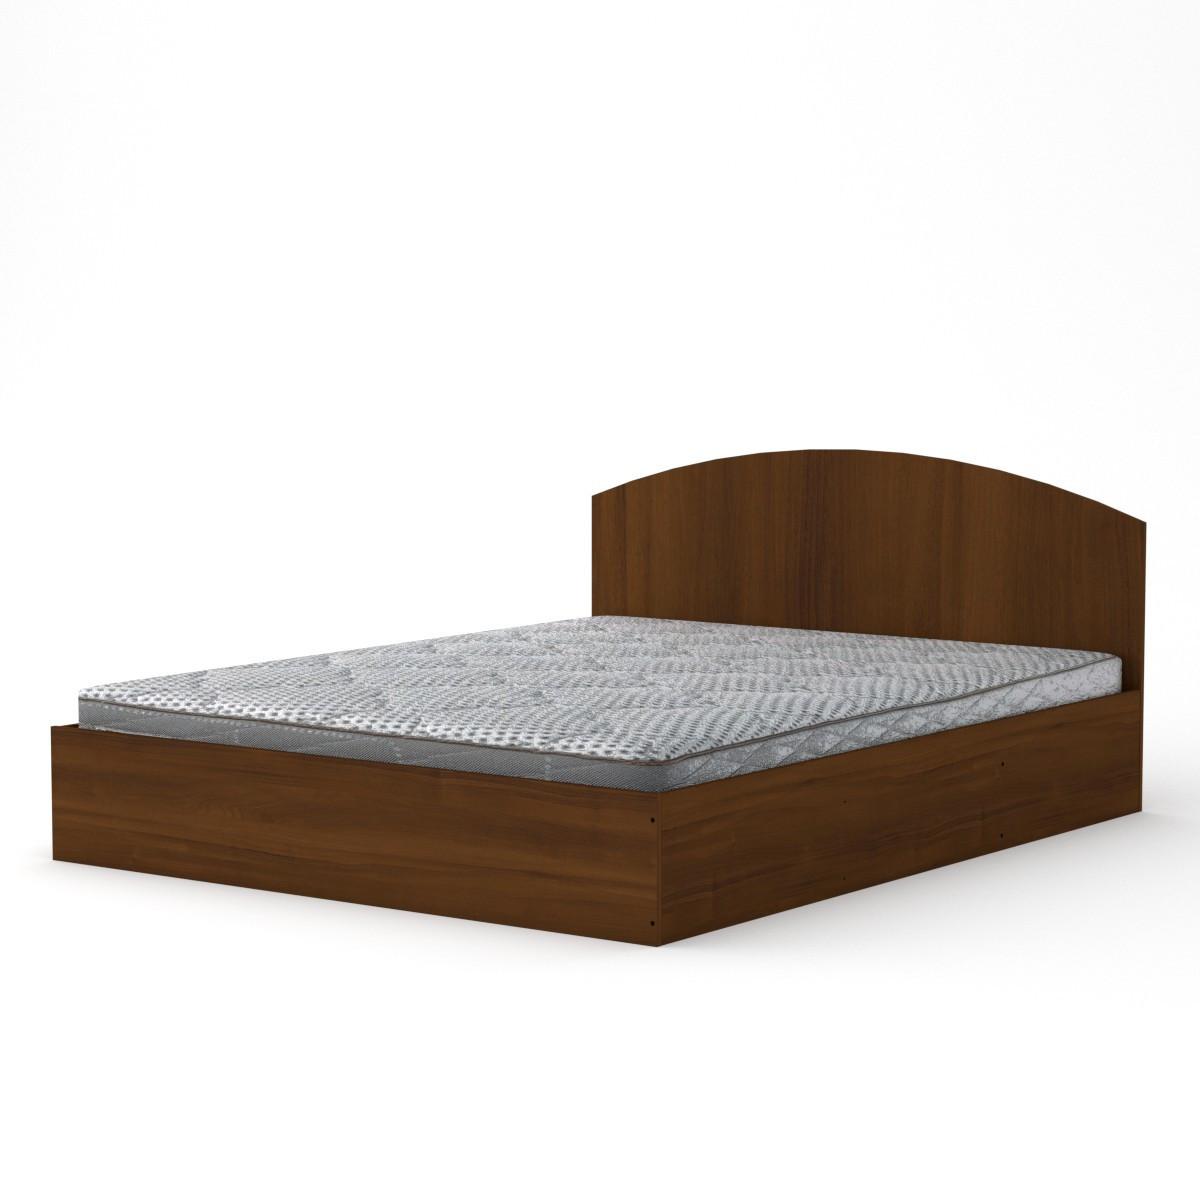 Кровать 140 орех экко Компанит (144х202х75 см)